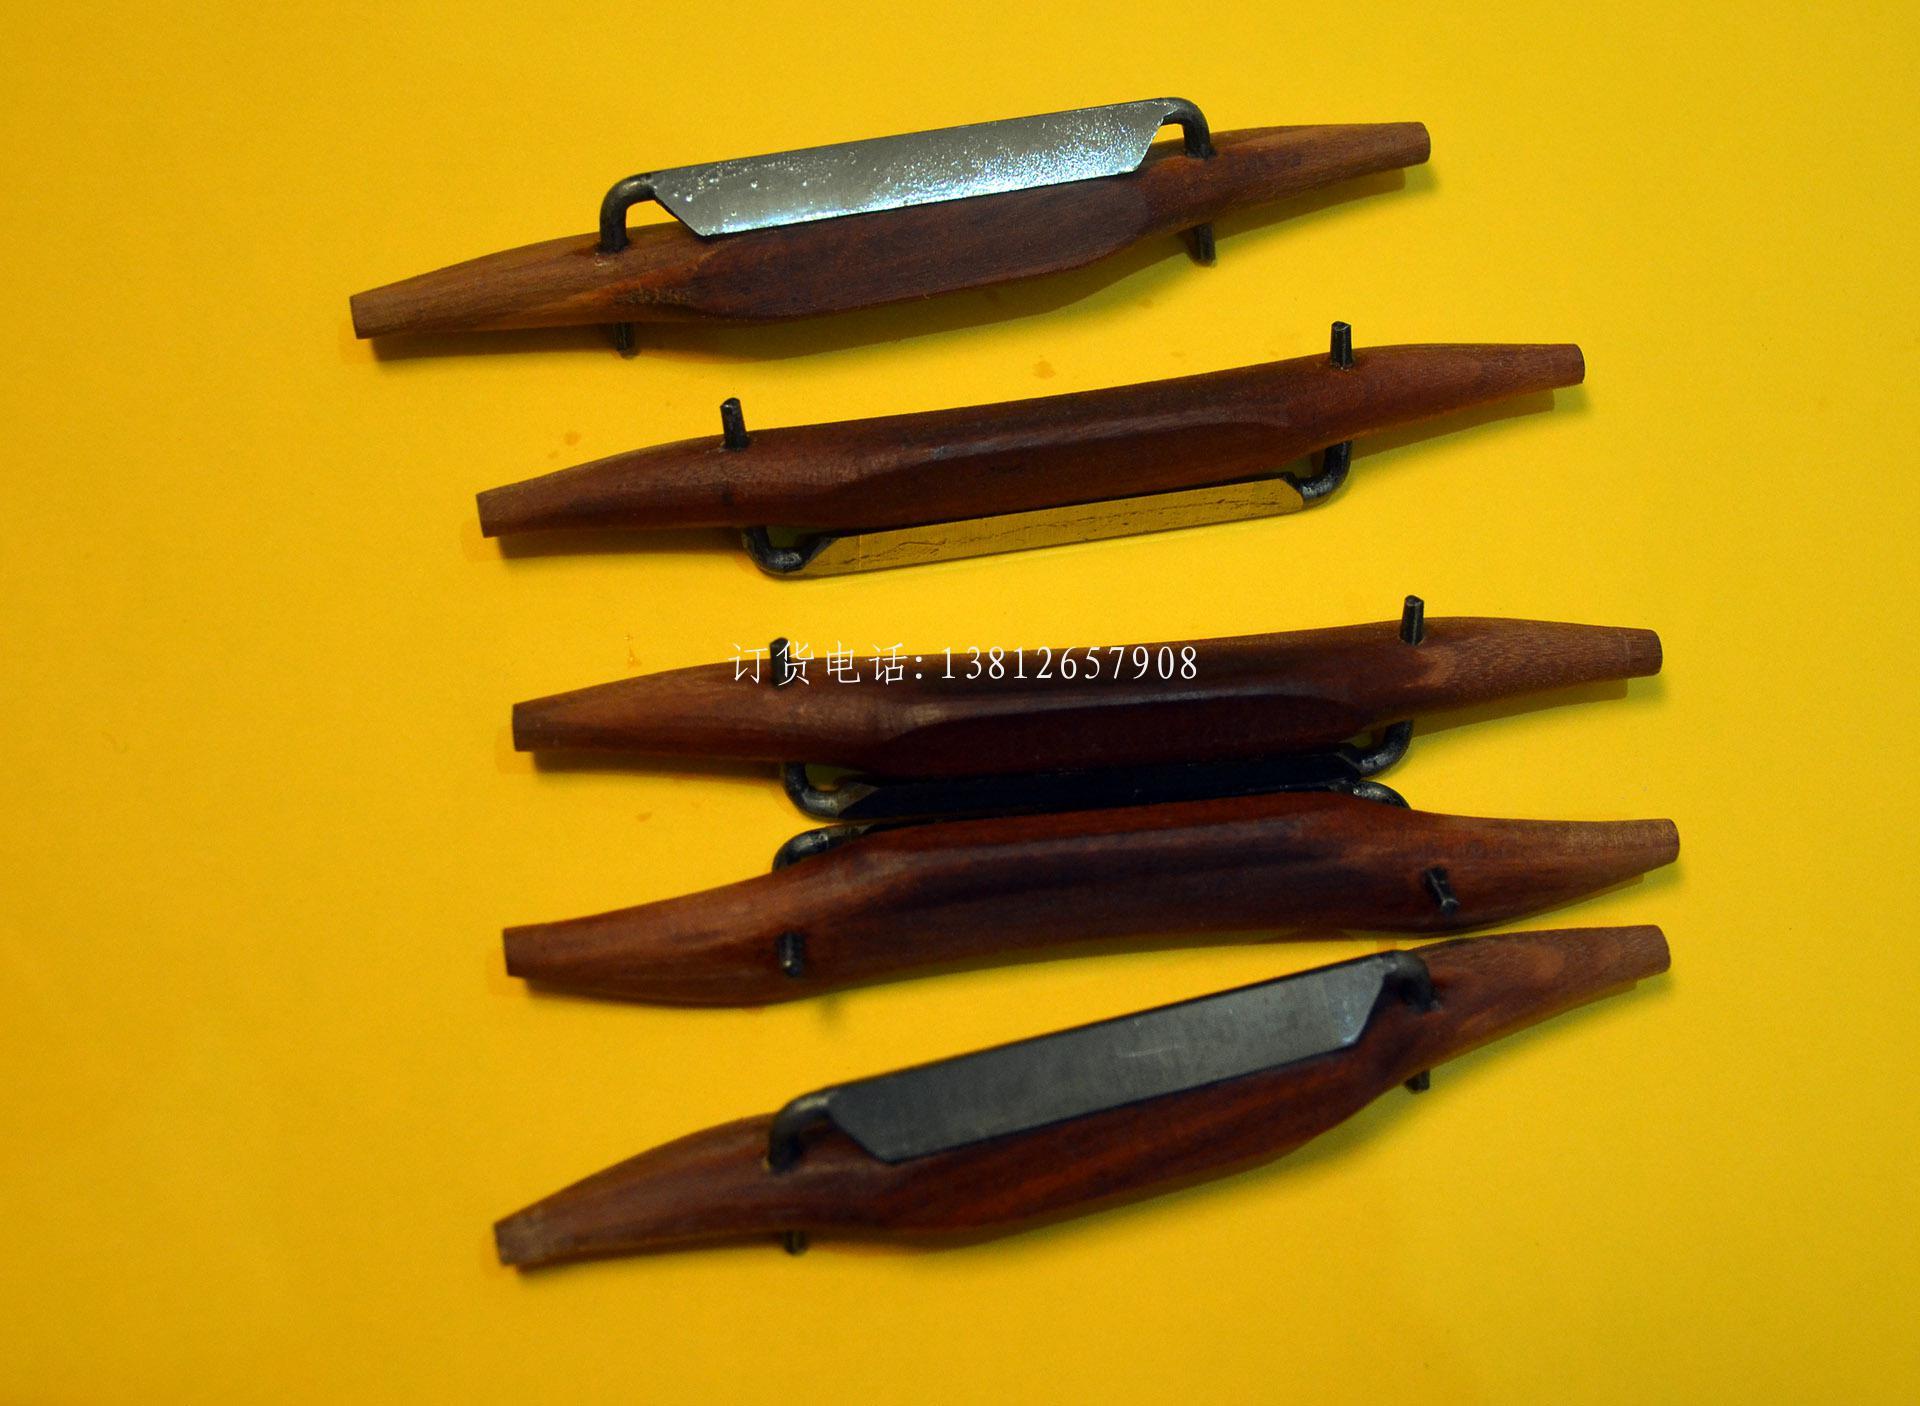 五金塑料刮披锋刀 注塑去披锋刀 钨钢披锋刀